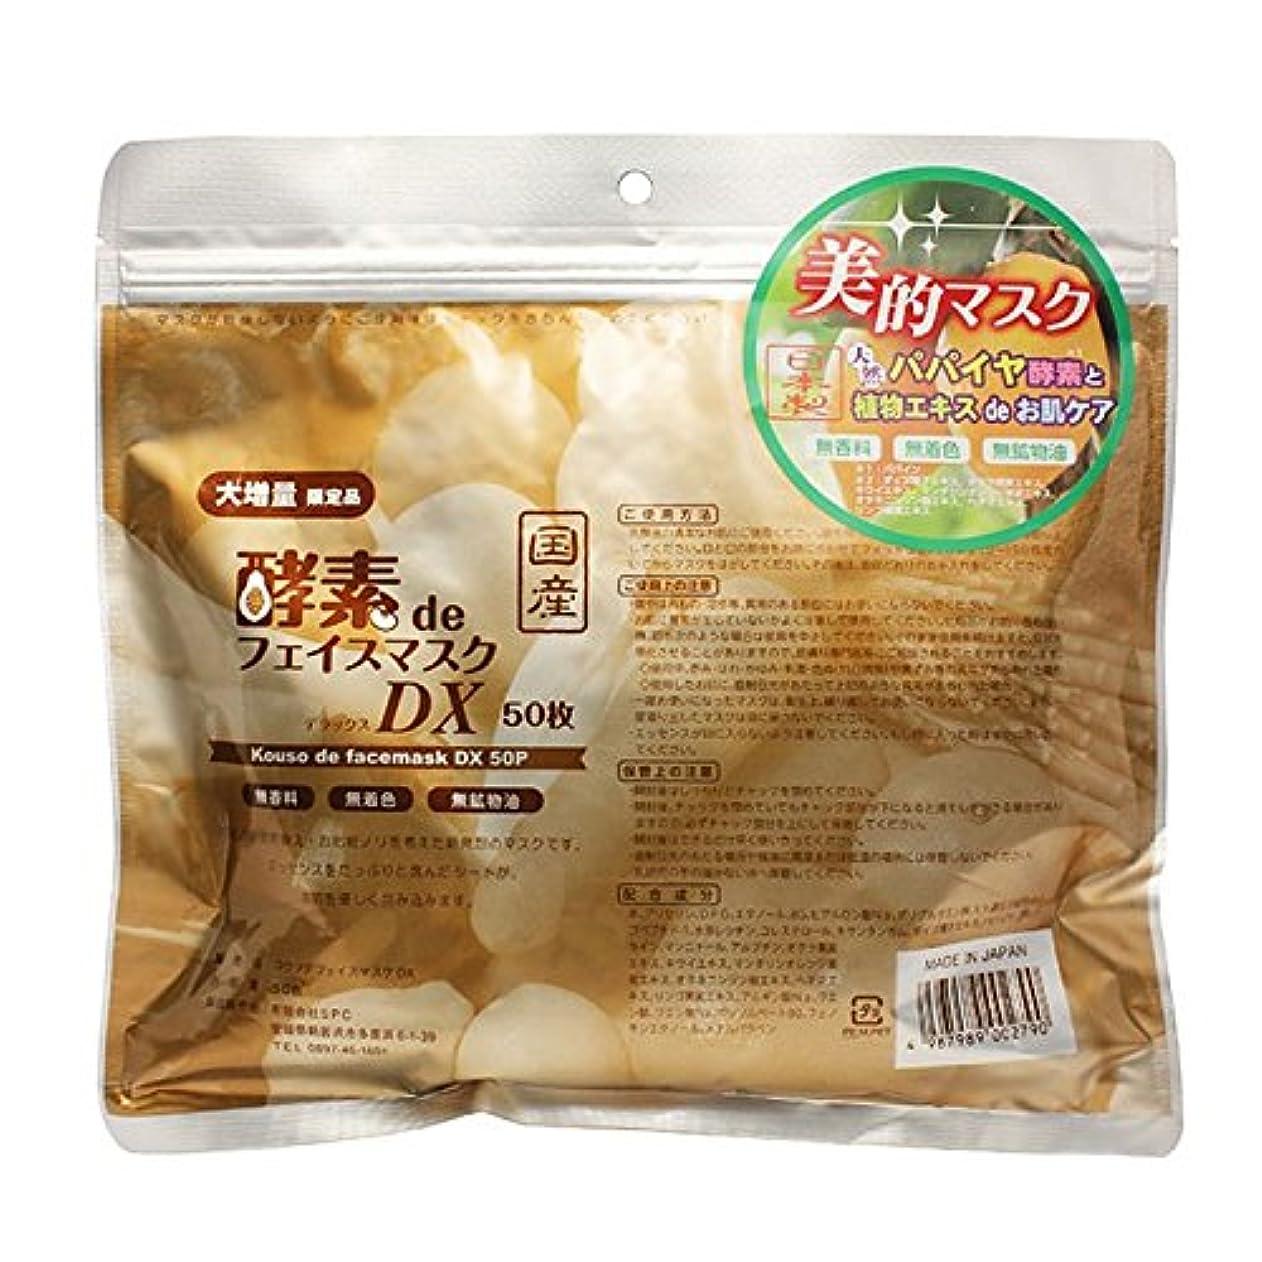 毛布香水昼寝酵素 de フェイスマスク DX [50枚入]日本製 エステサロン仕様